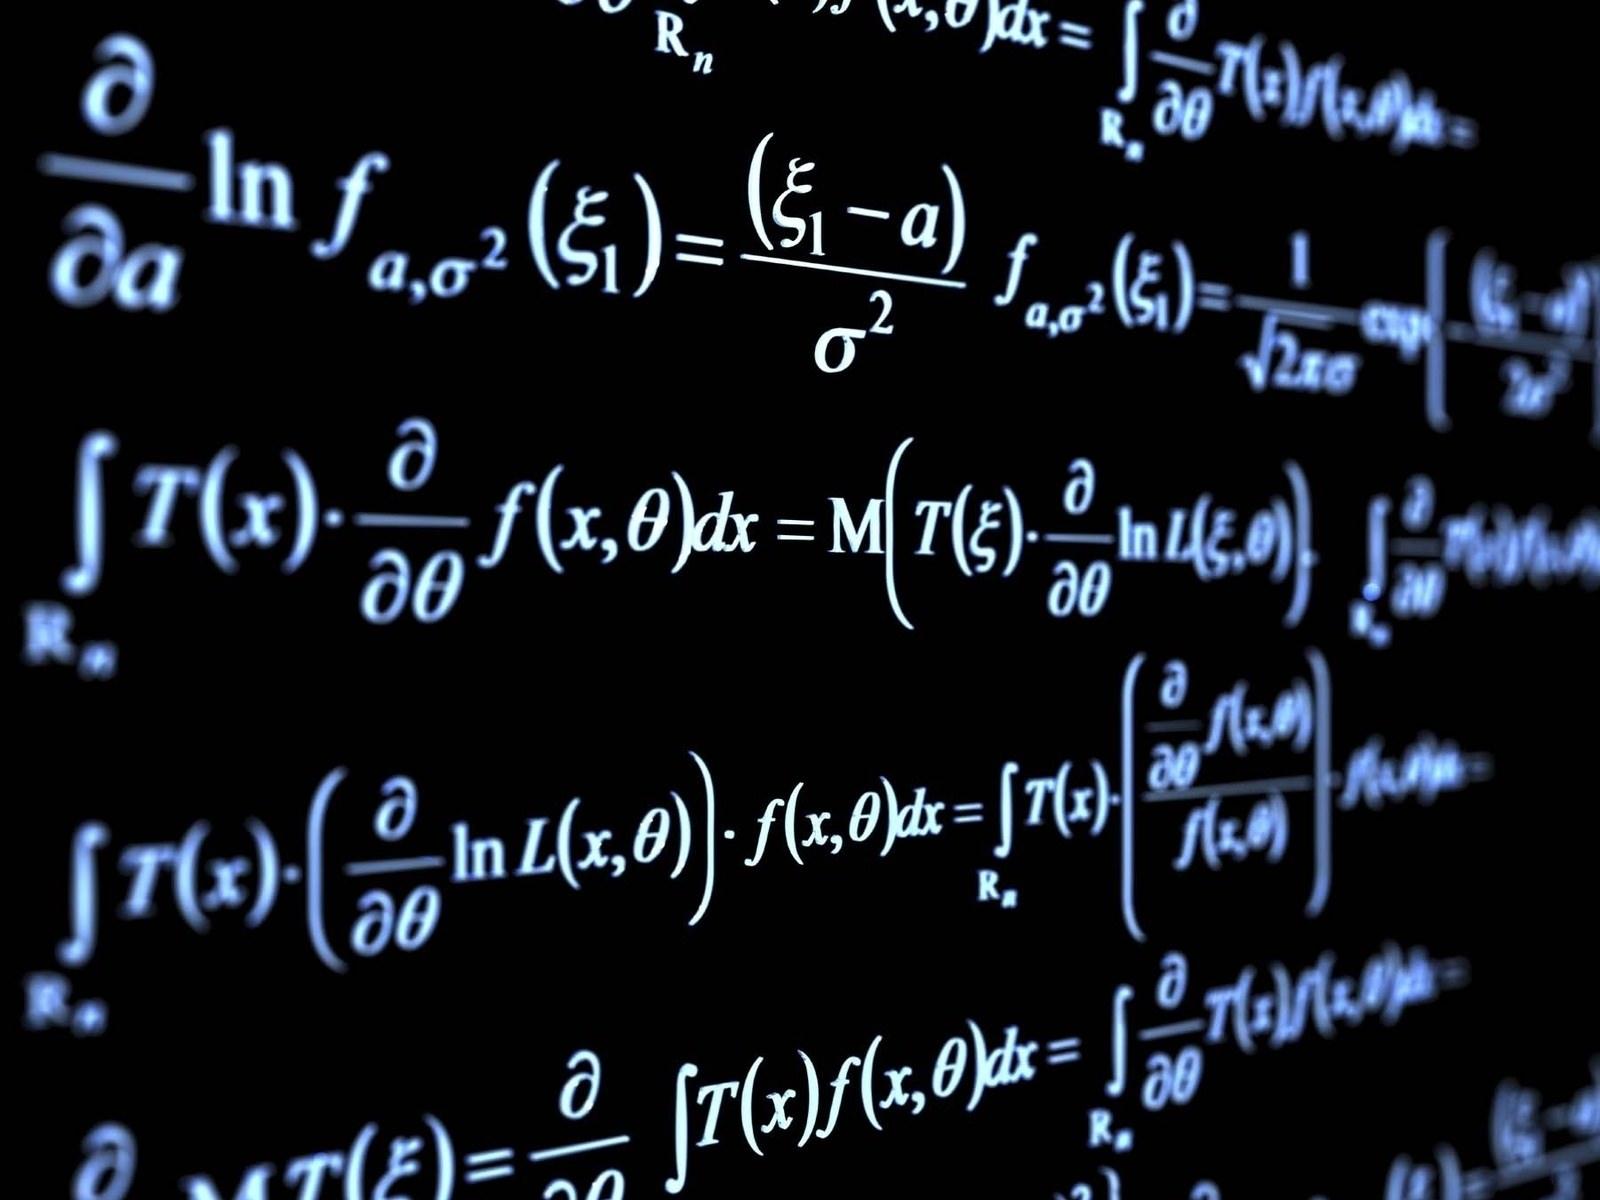 Hình ảnh nền toán học cực chất